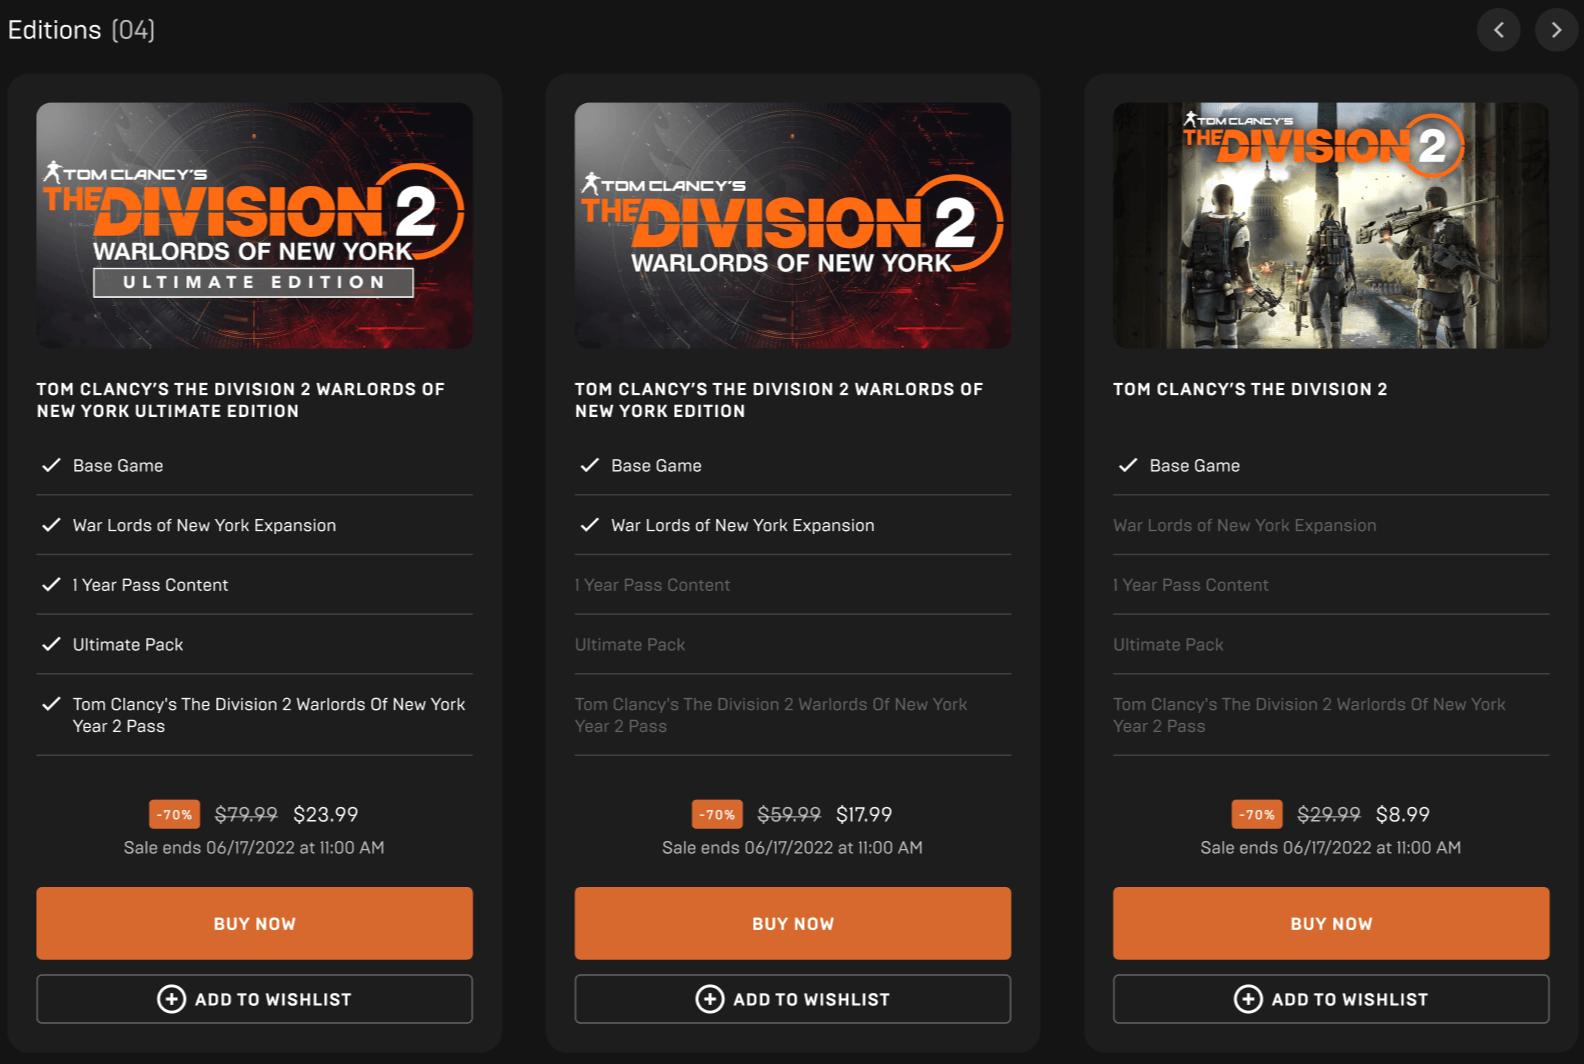 Профили пользователей и разделение по жанрам появятся в Epic Games Store в ближайшее время